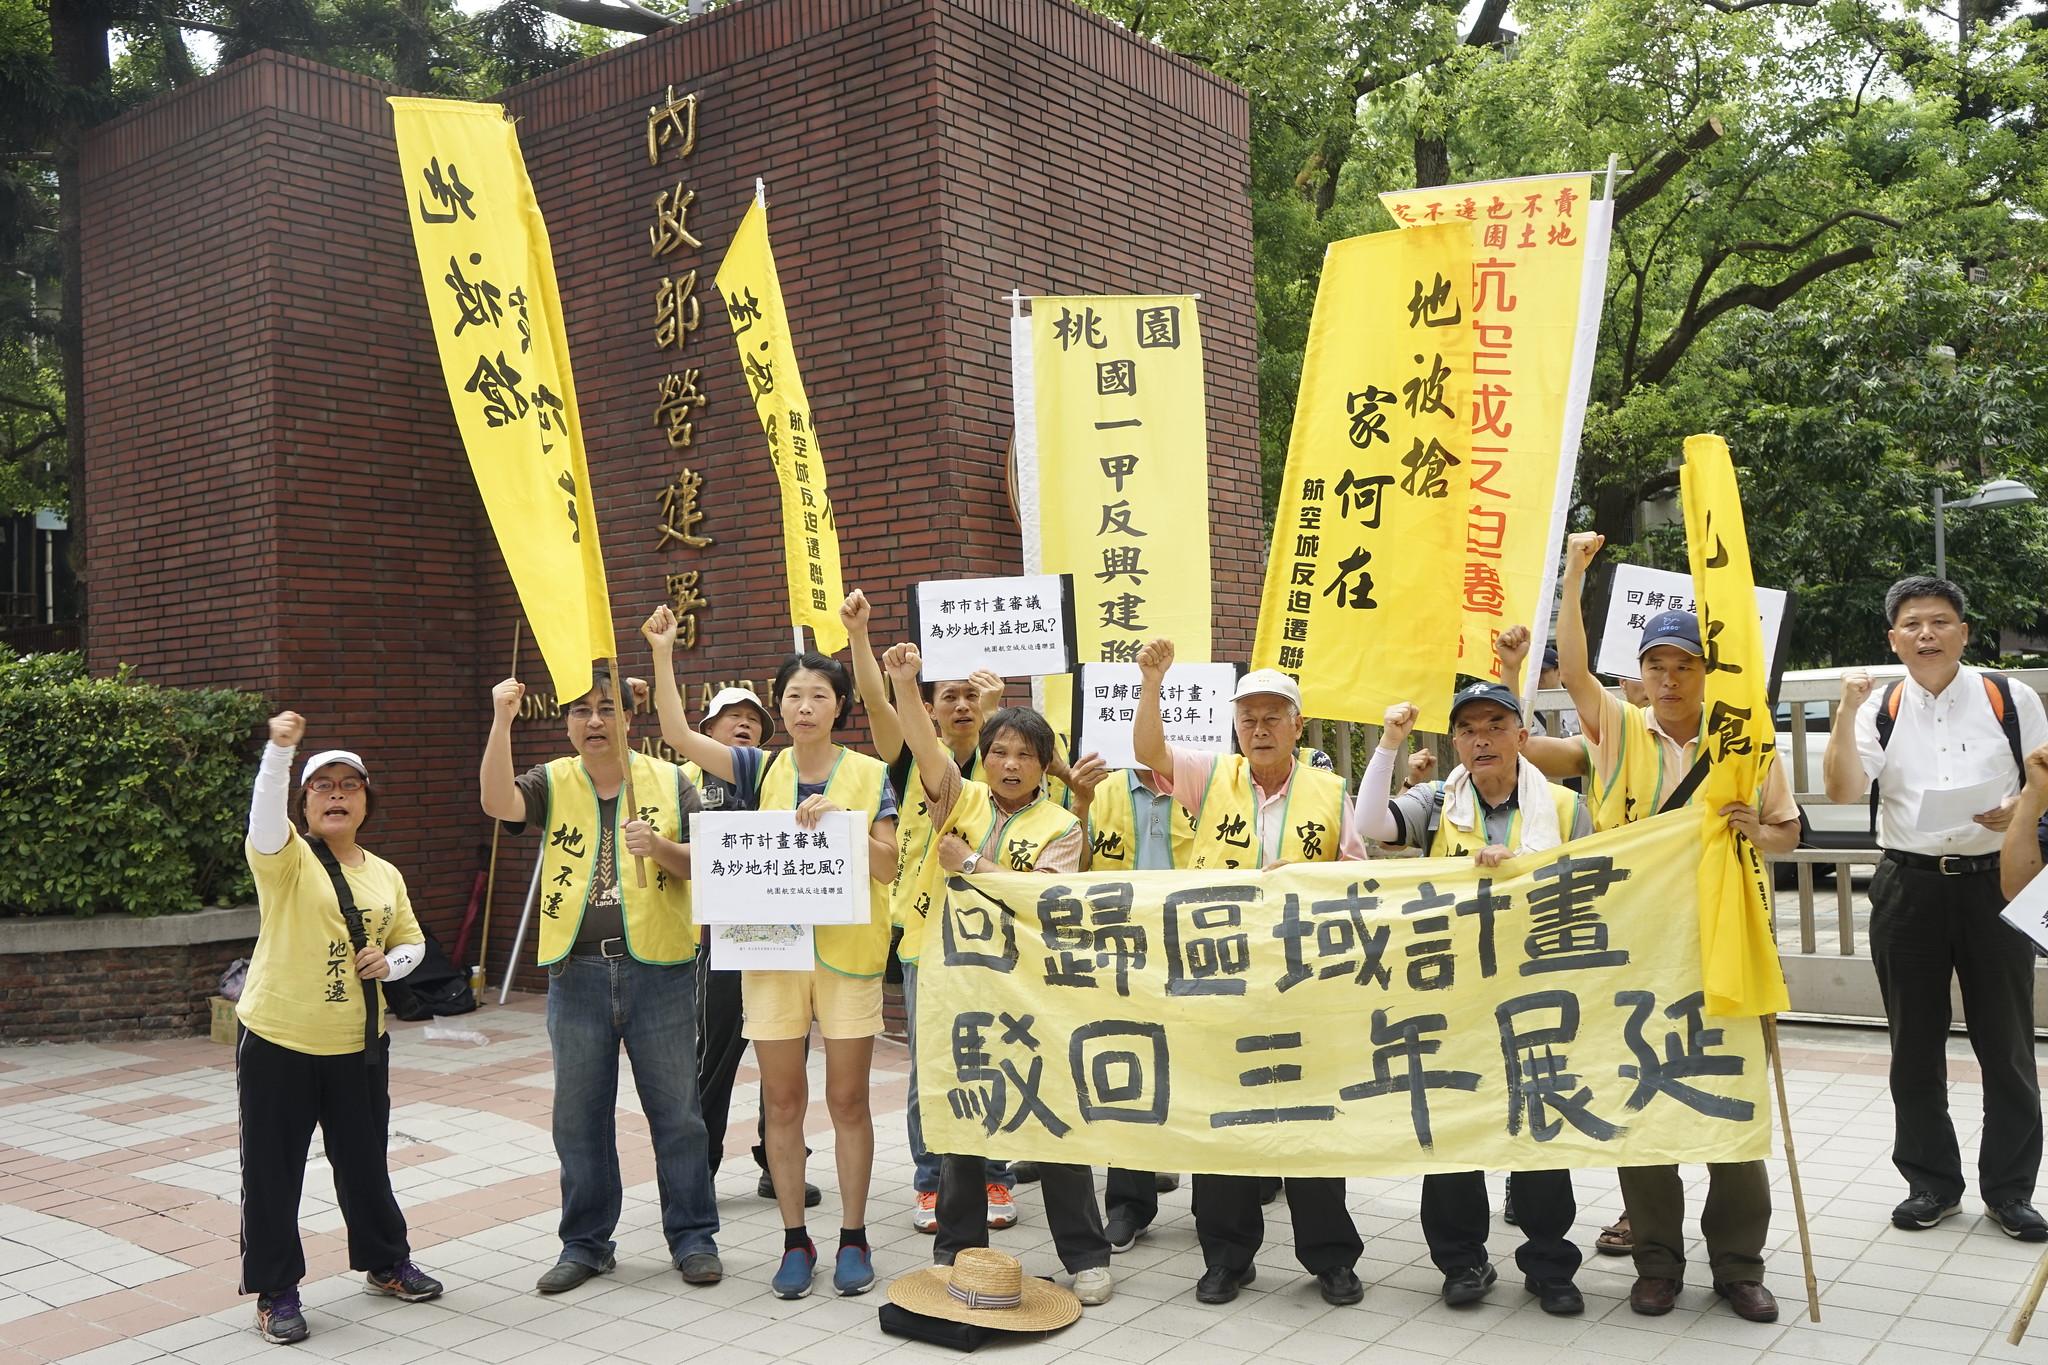 航空城開發區域的居民,今日重回營建署抗議,要求都委會否決航空城都市計畫的展延申請。(攝影:張宗坤)